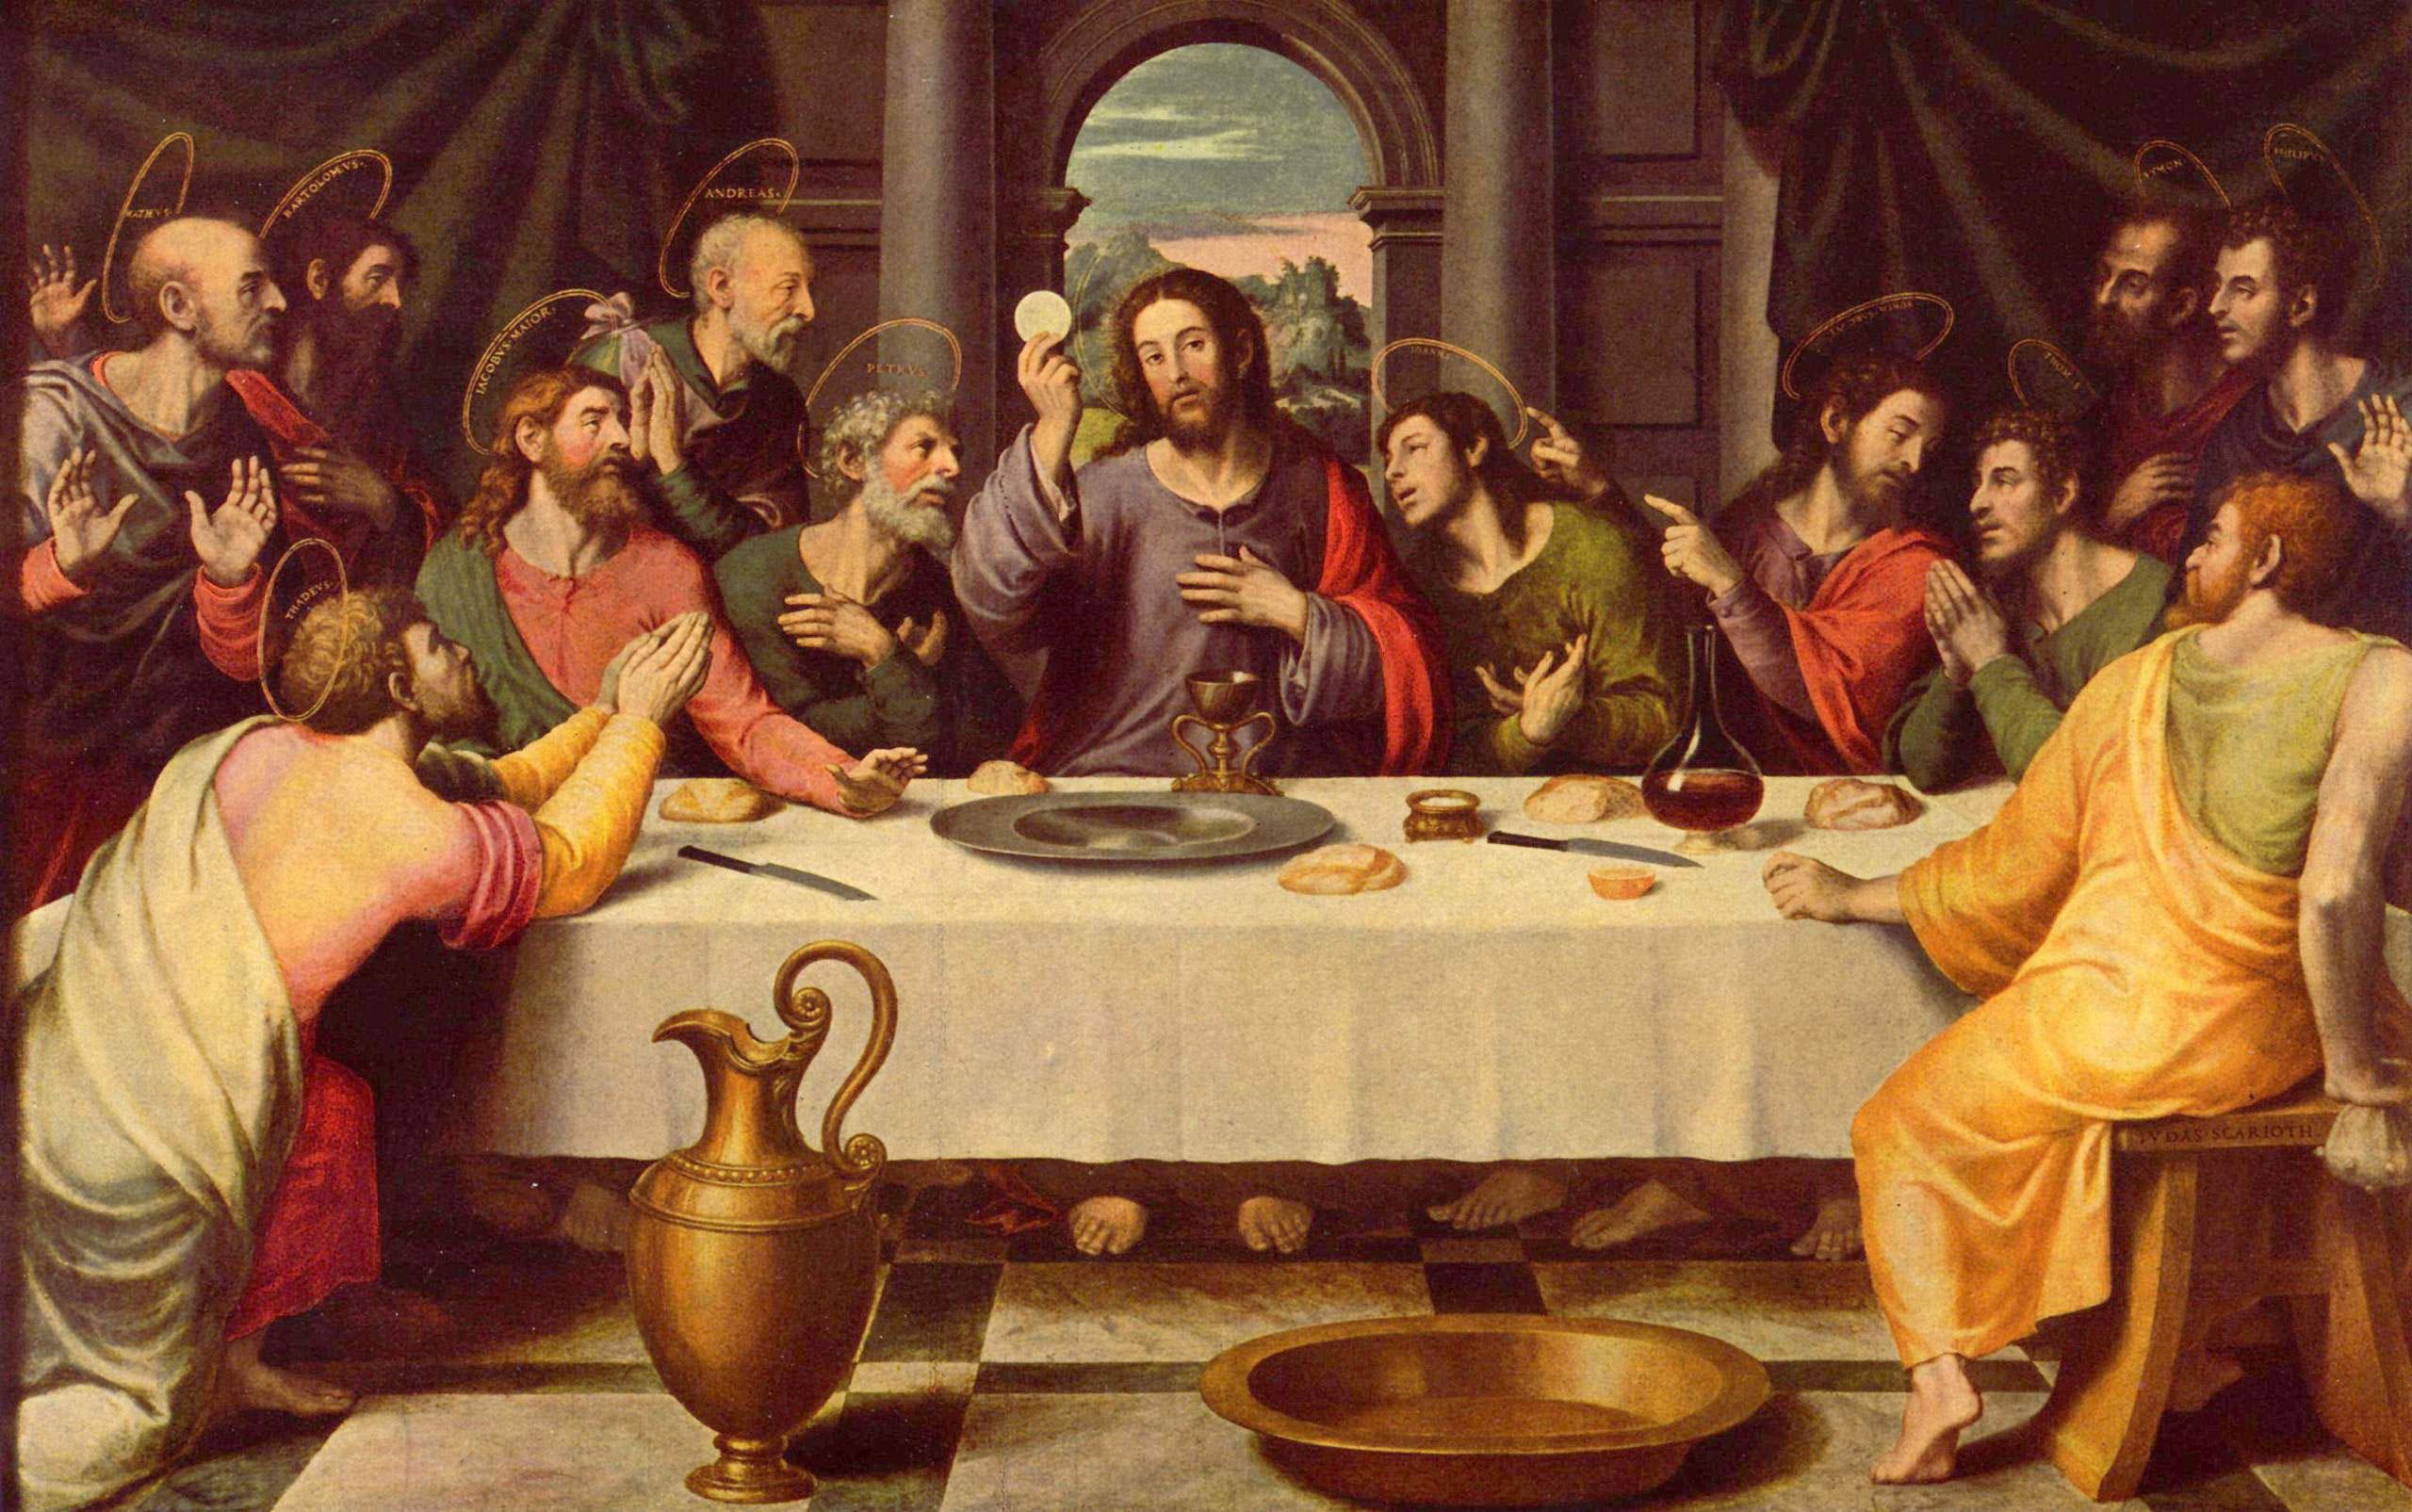 Bild Gründonnerstag - das letzte Abendmahl - Abb. 21735